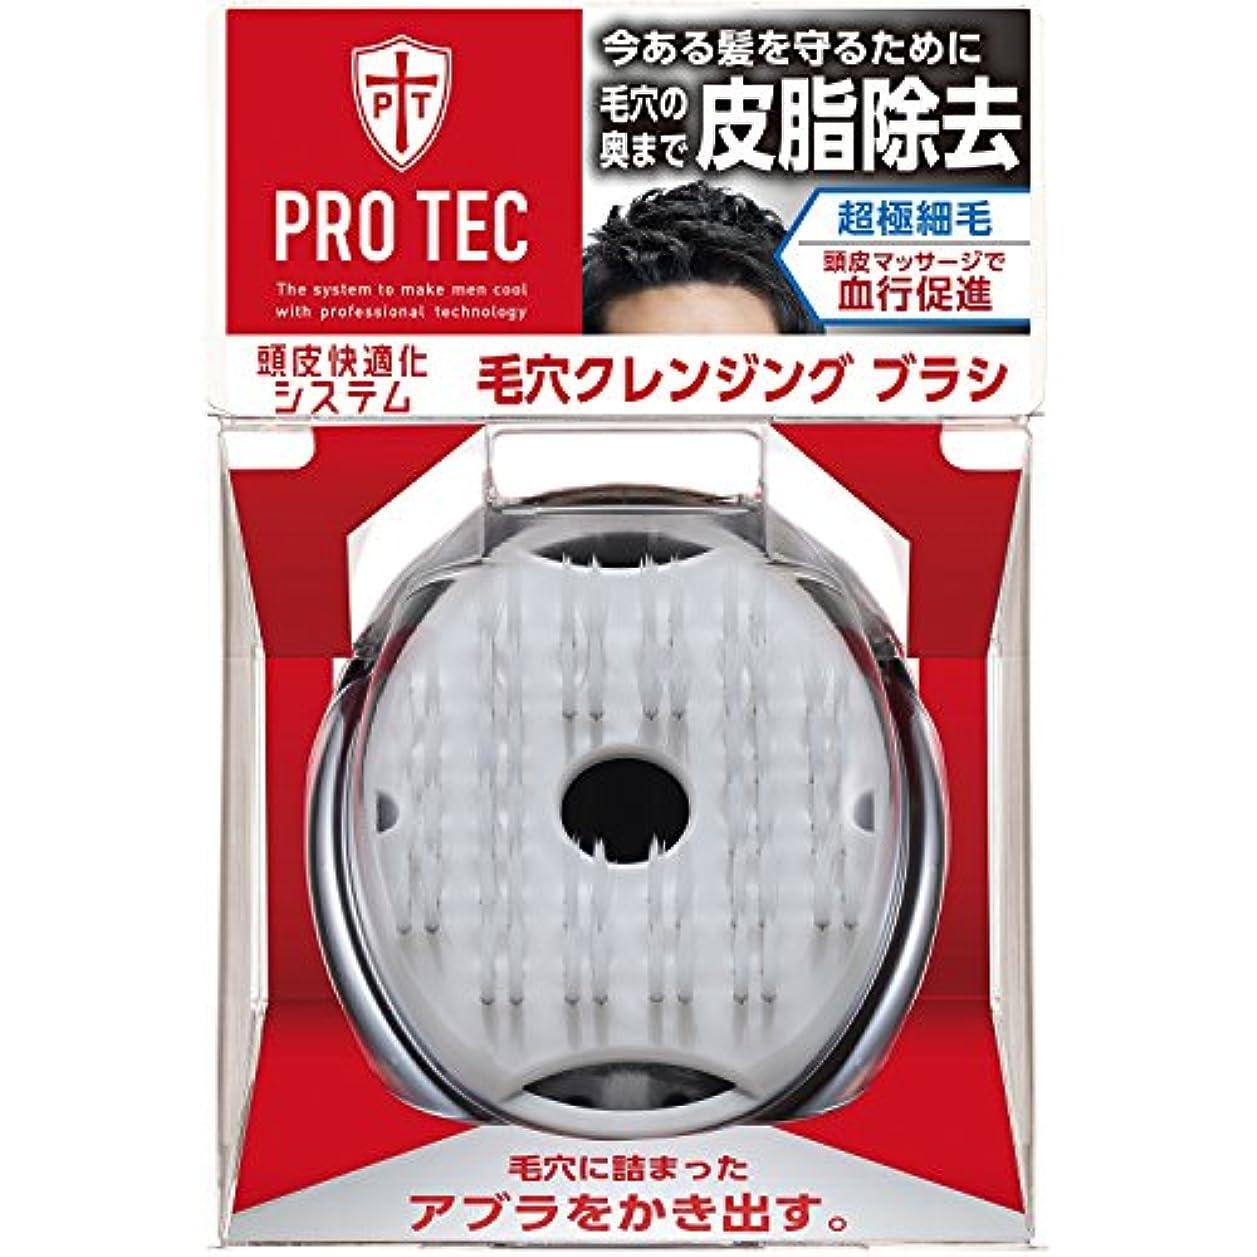 生き物ロバ計画的PRO TEC(プロテク) ウォッシングブラシ 毛穴クレンジングタイプ